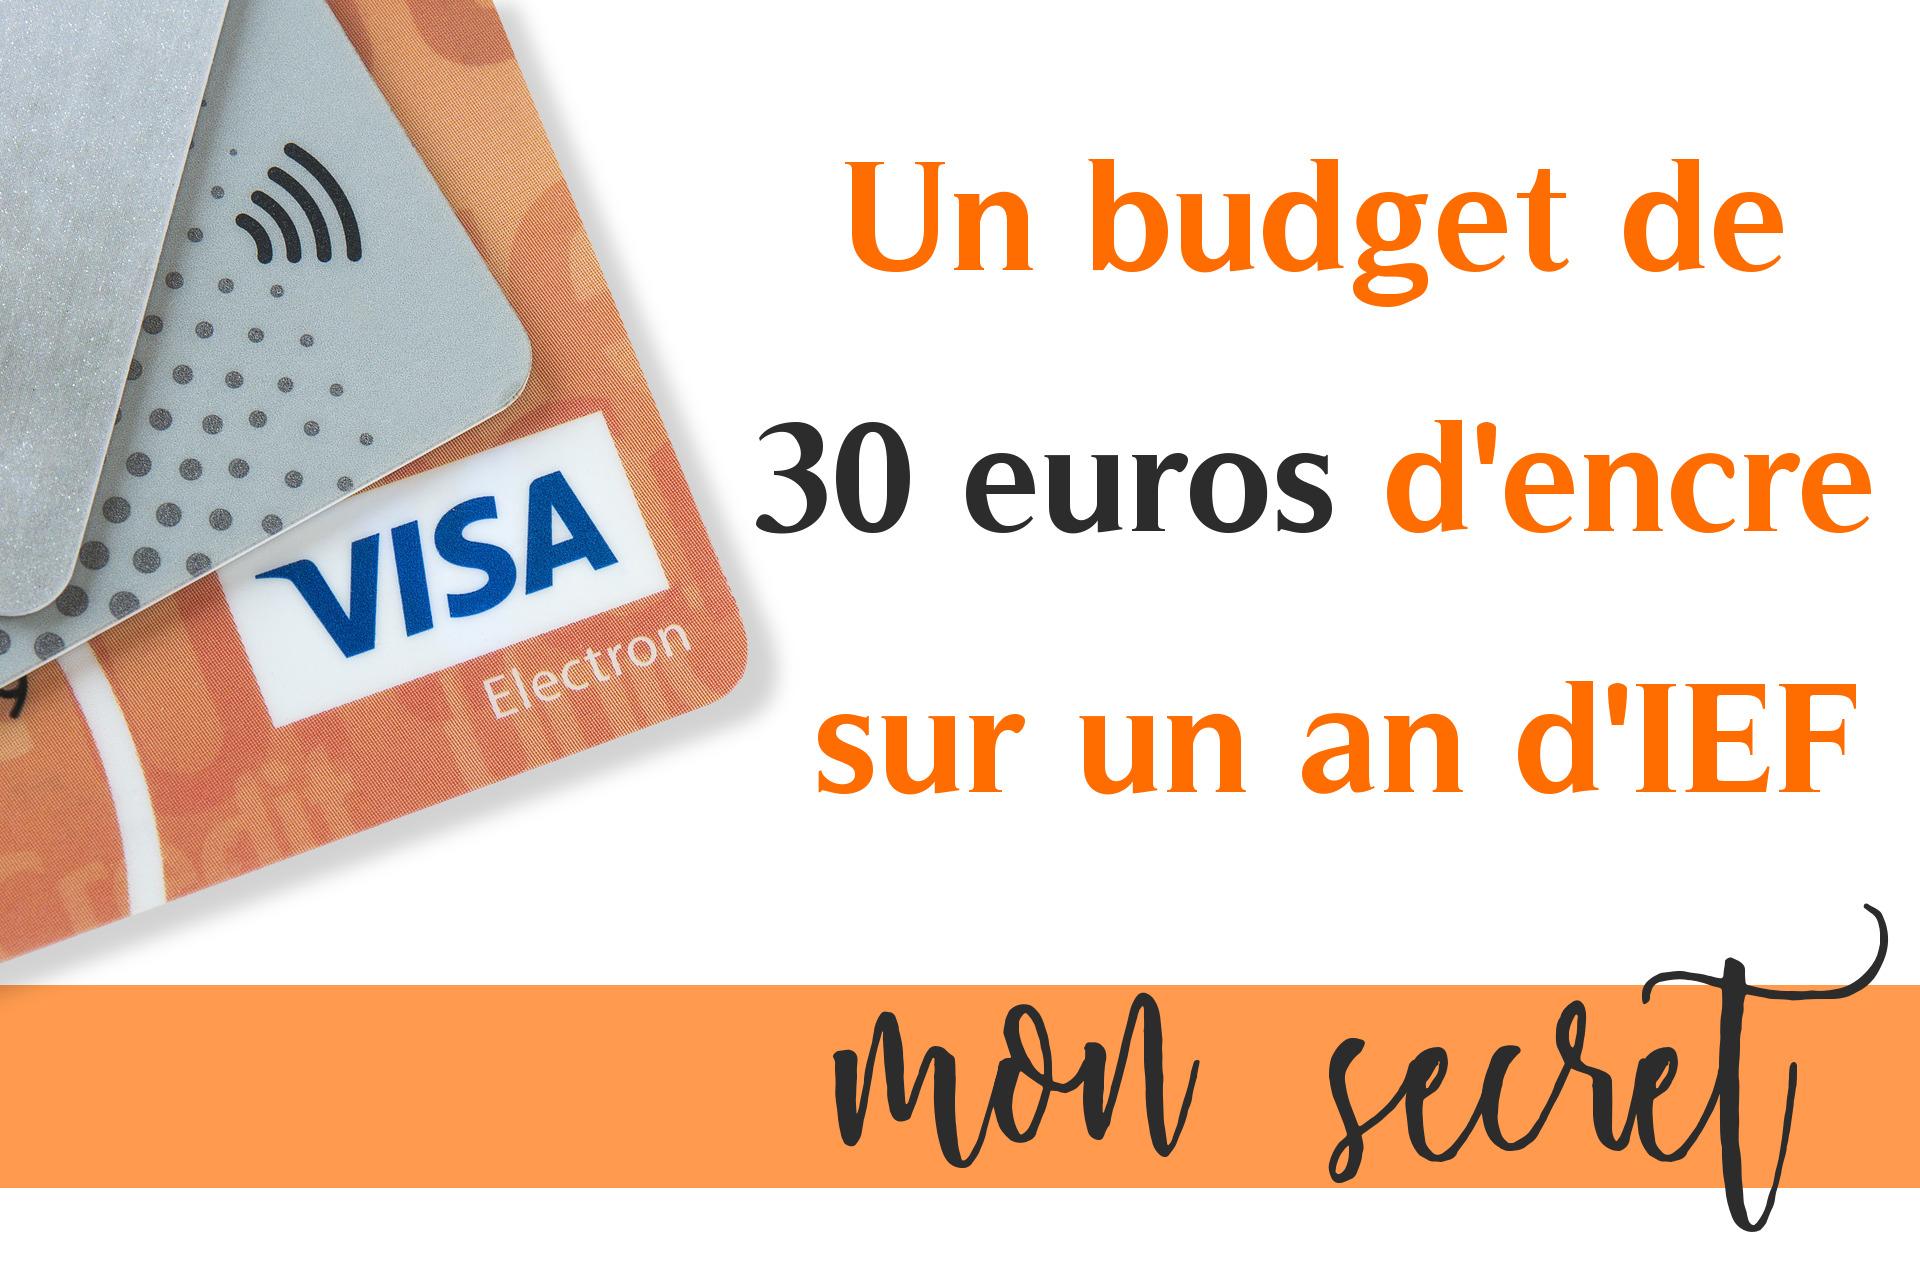 budget encre 30 euros sur un an Objectif IEF